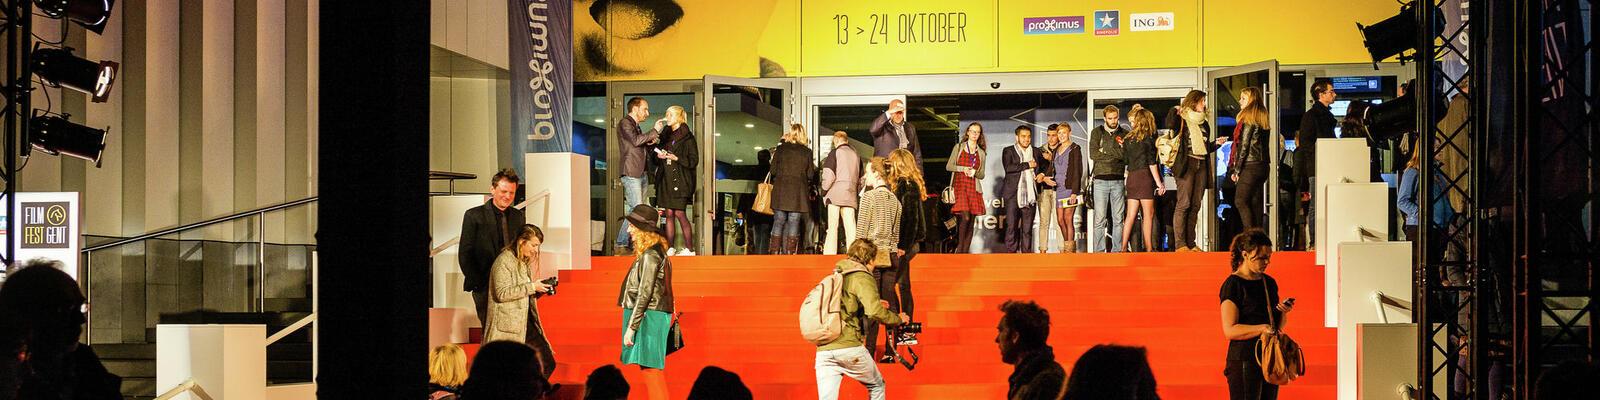 Film Fest